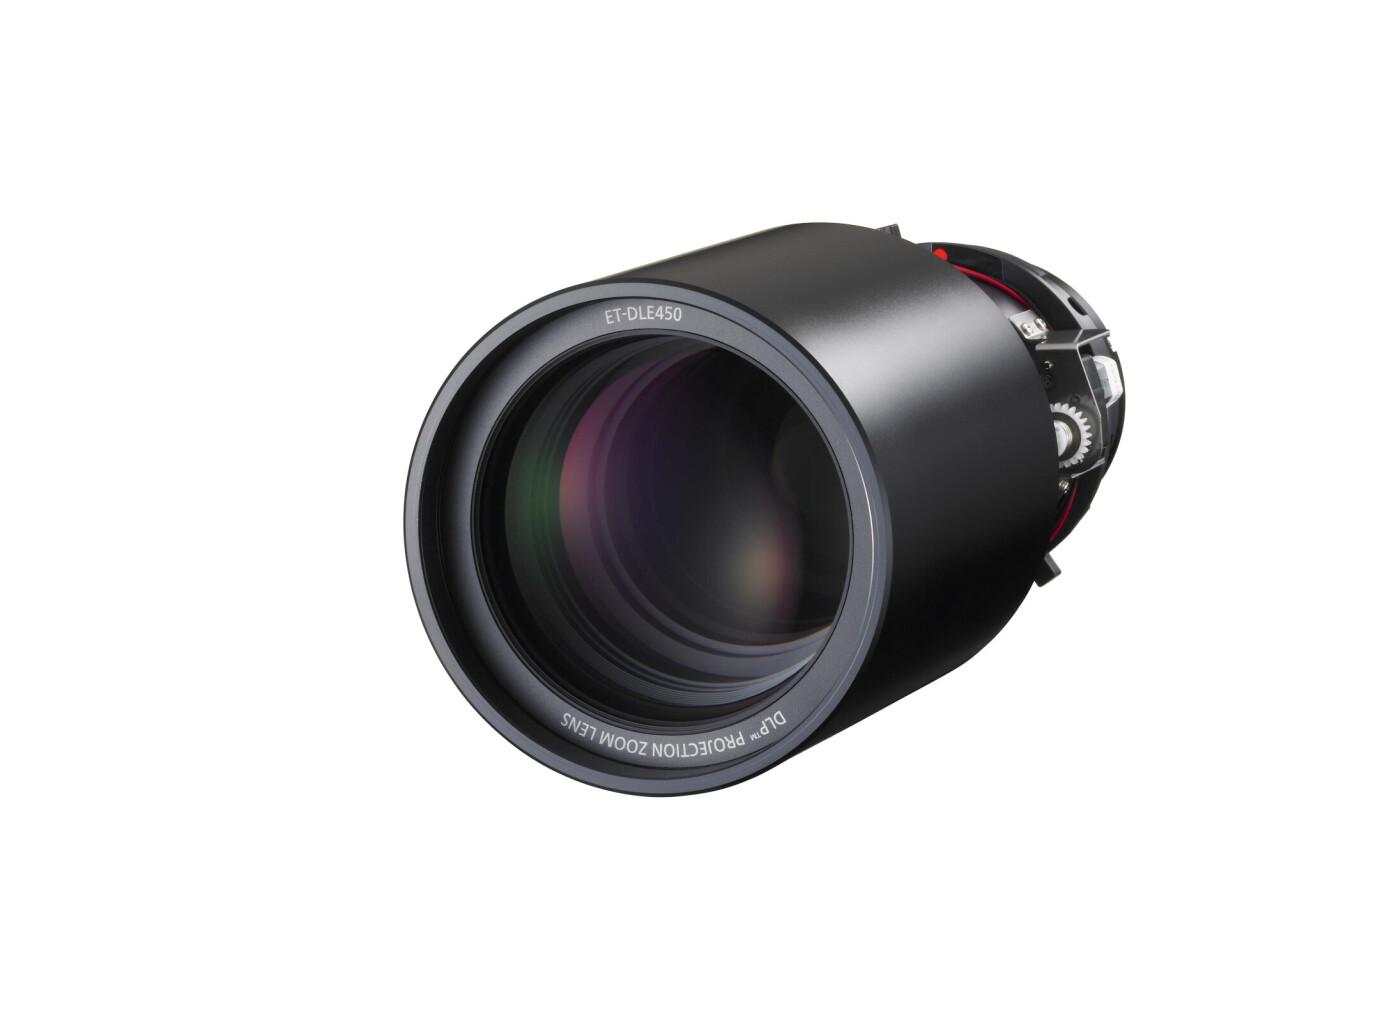 Panasonic lens ET-DLE450